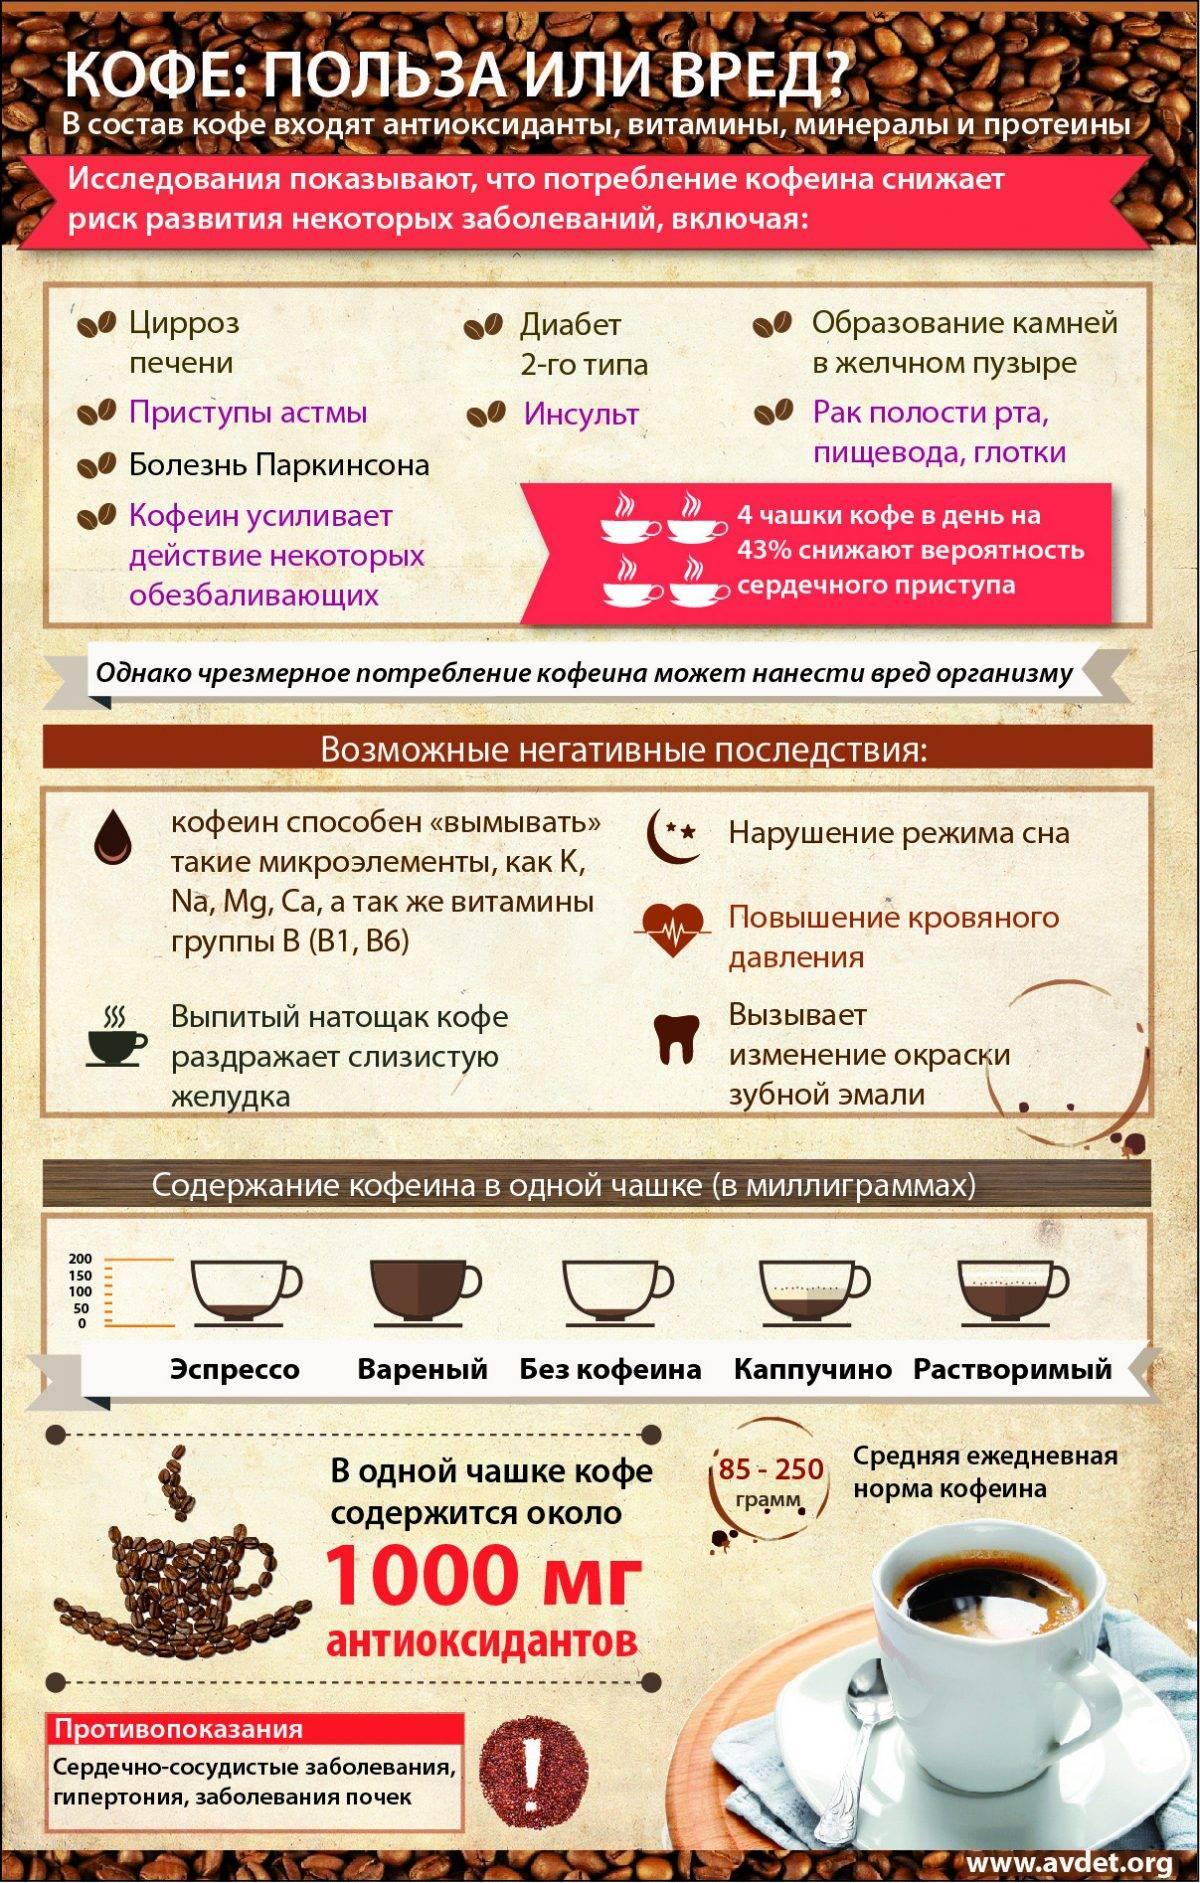 Пить ли кофе? (14 фактов, кому полезно, а кому вредно)